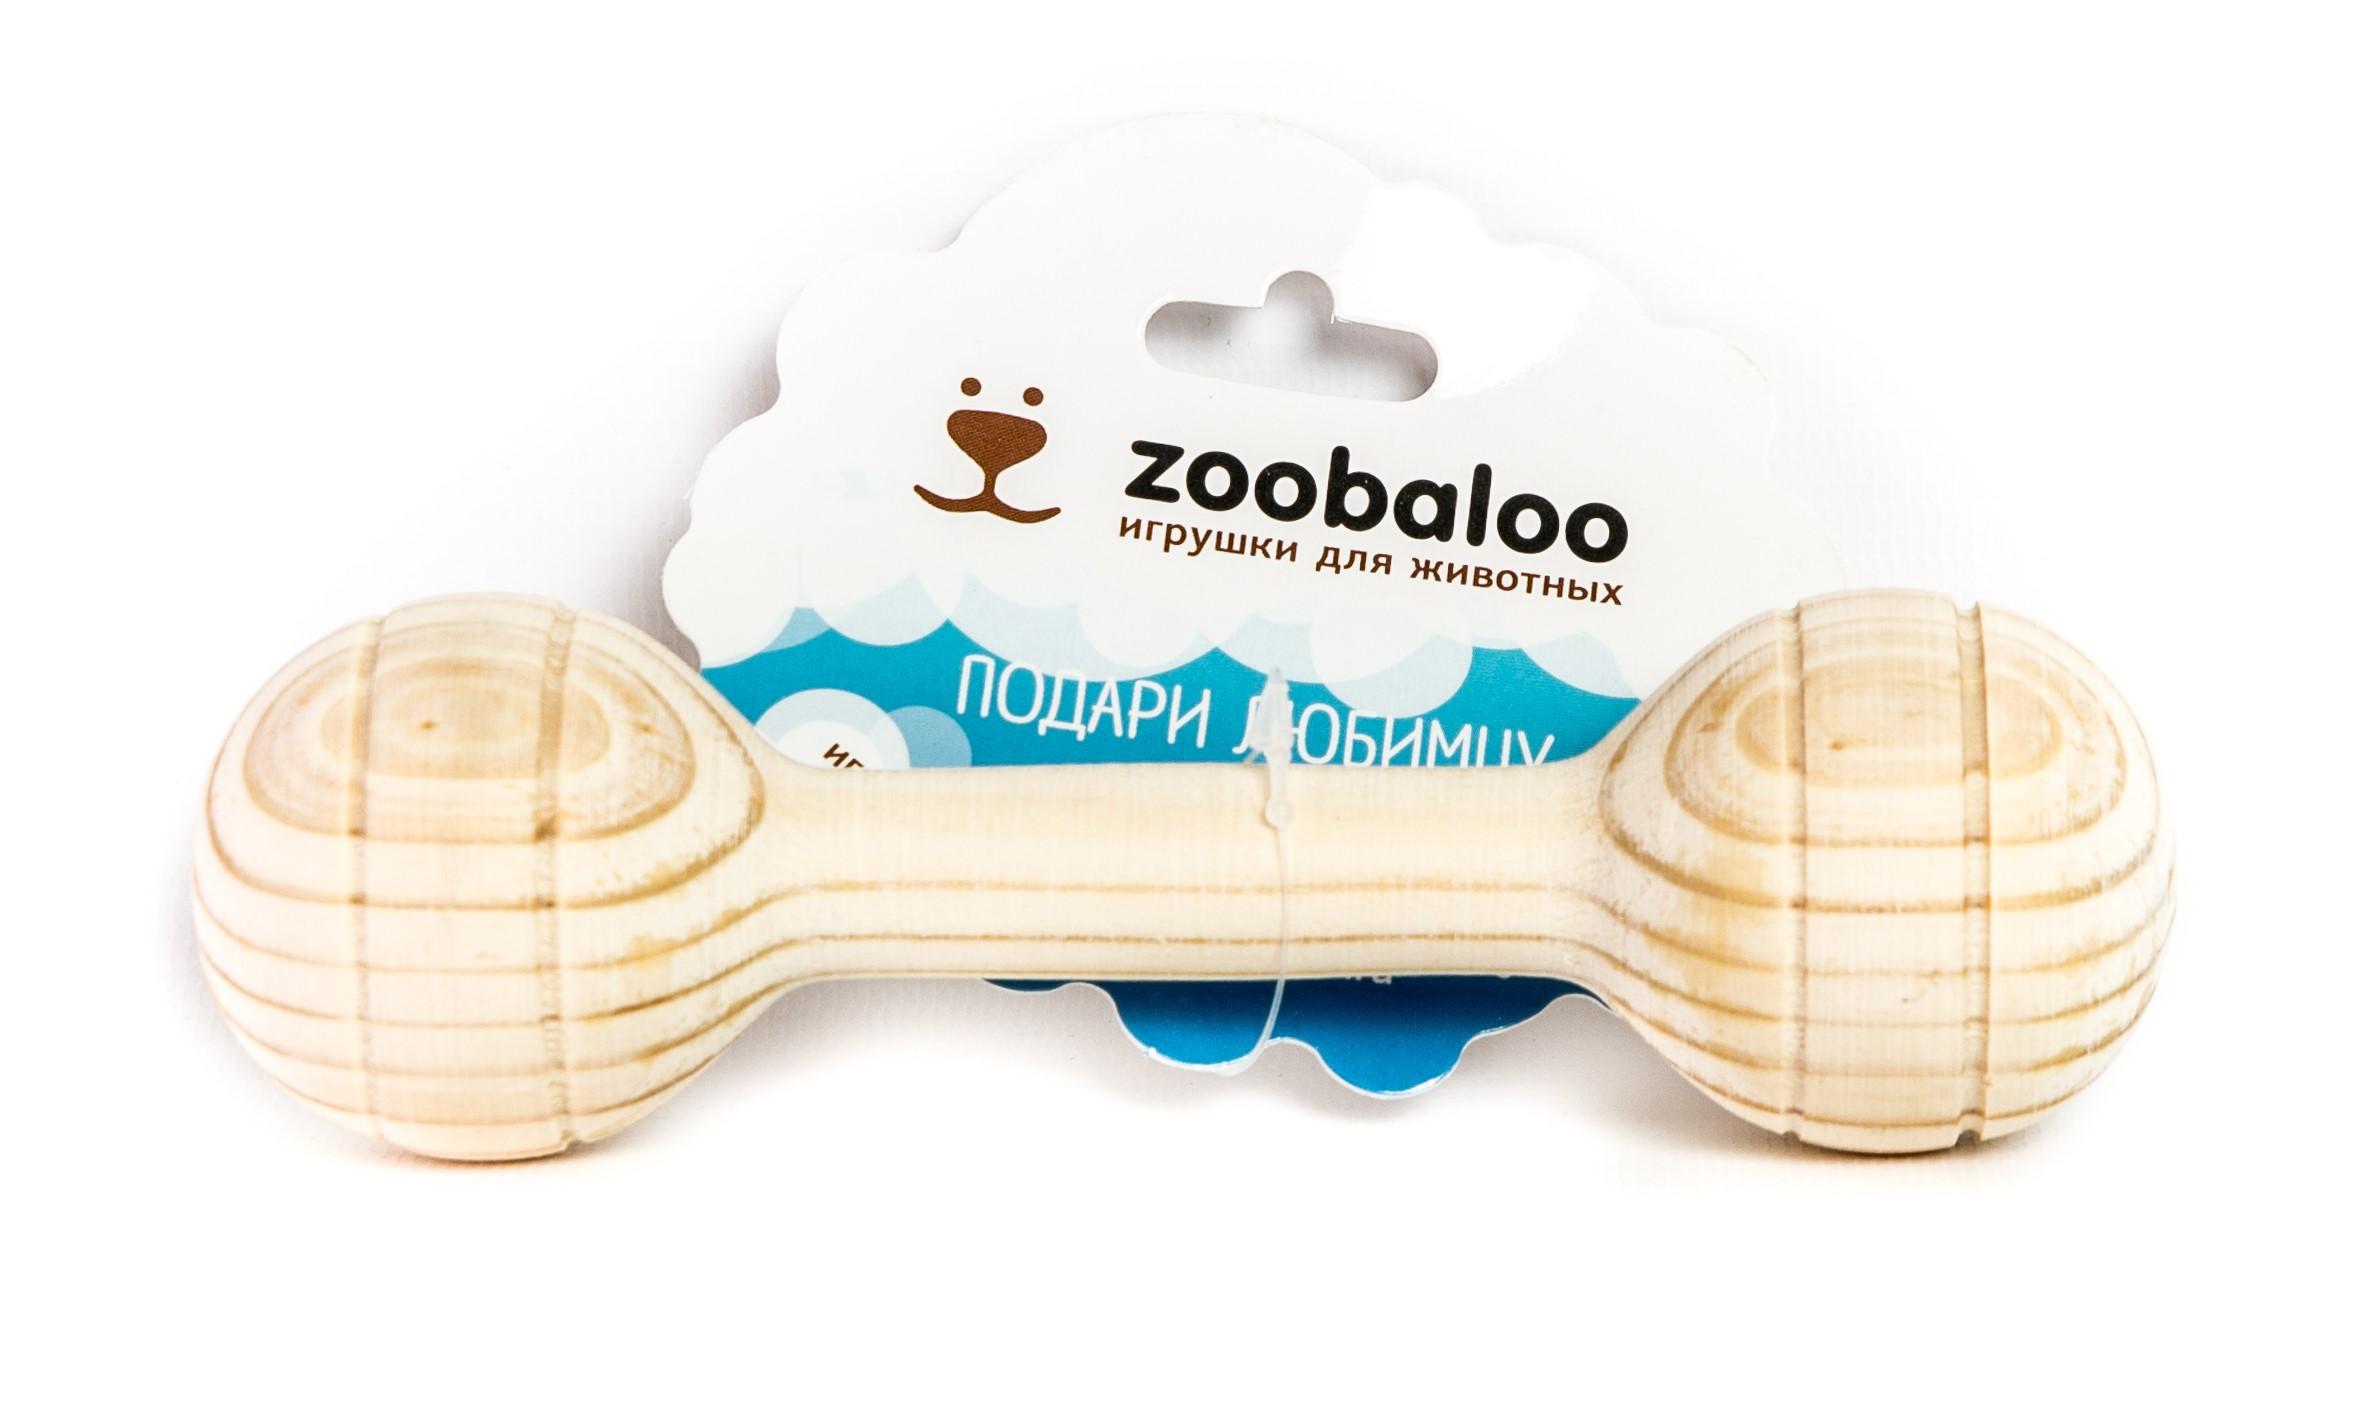 Игрушка для животных Zoobaloo 438 игрушка для птиц zoobaloo зеркало африка высота 17 см